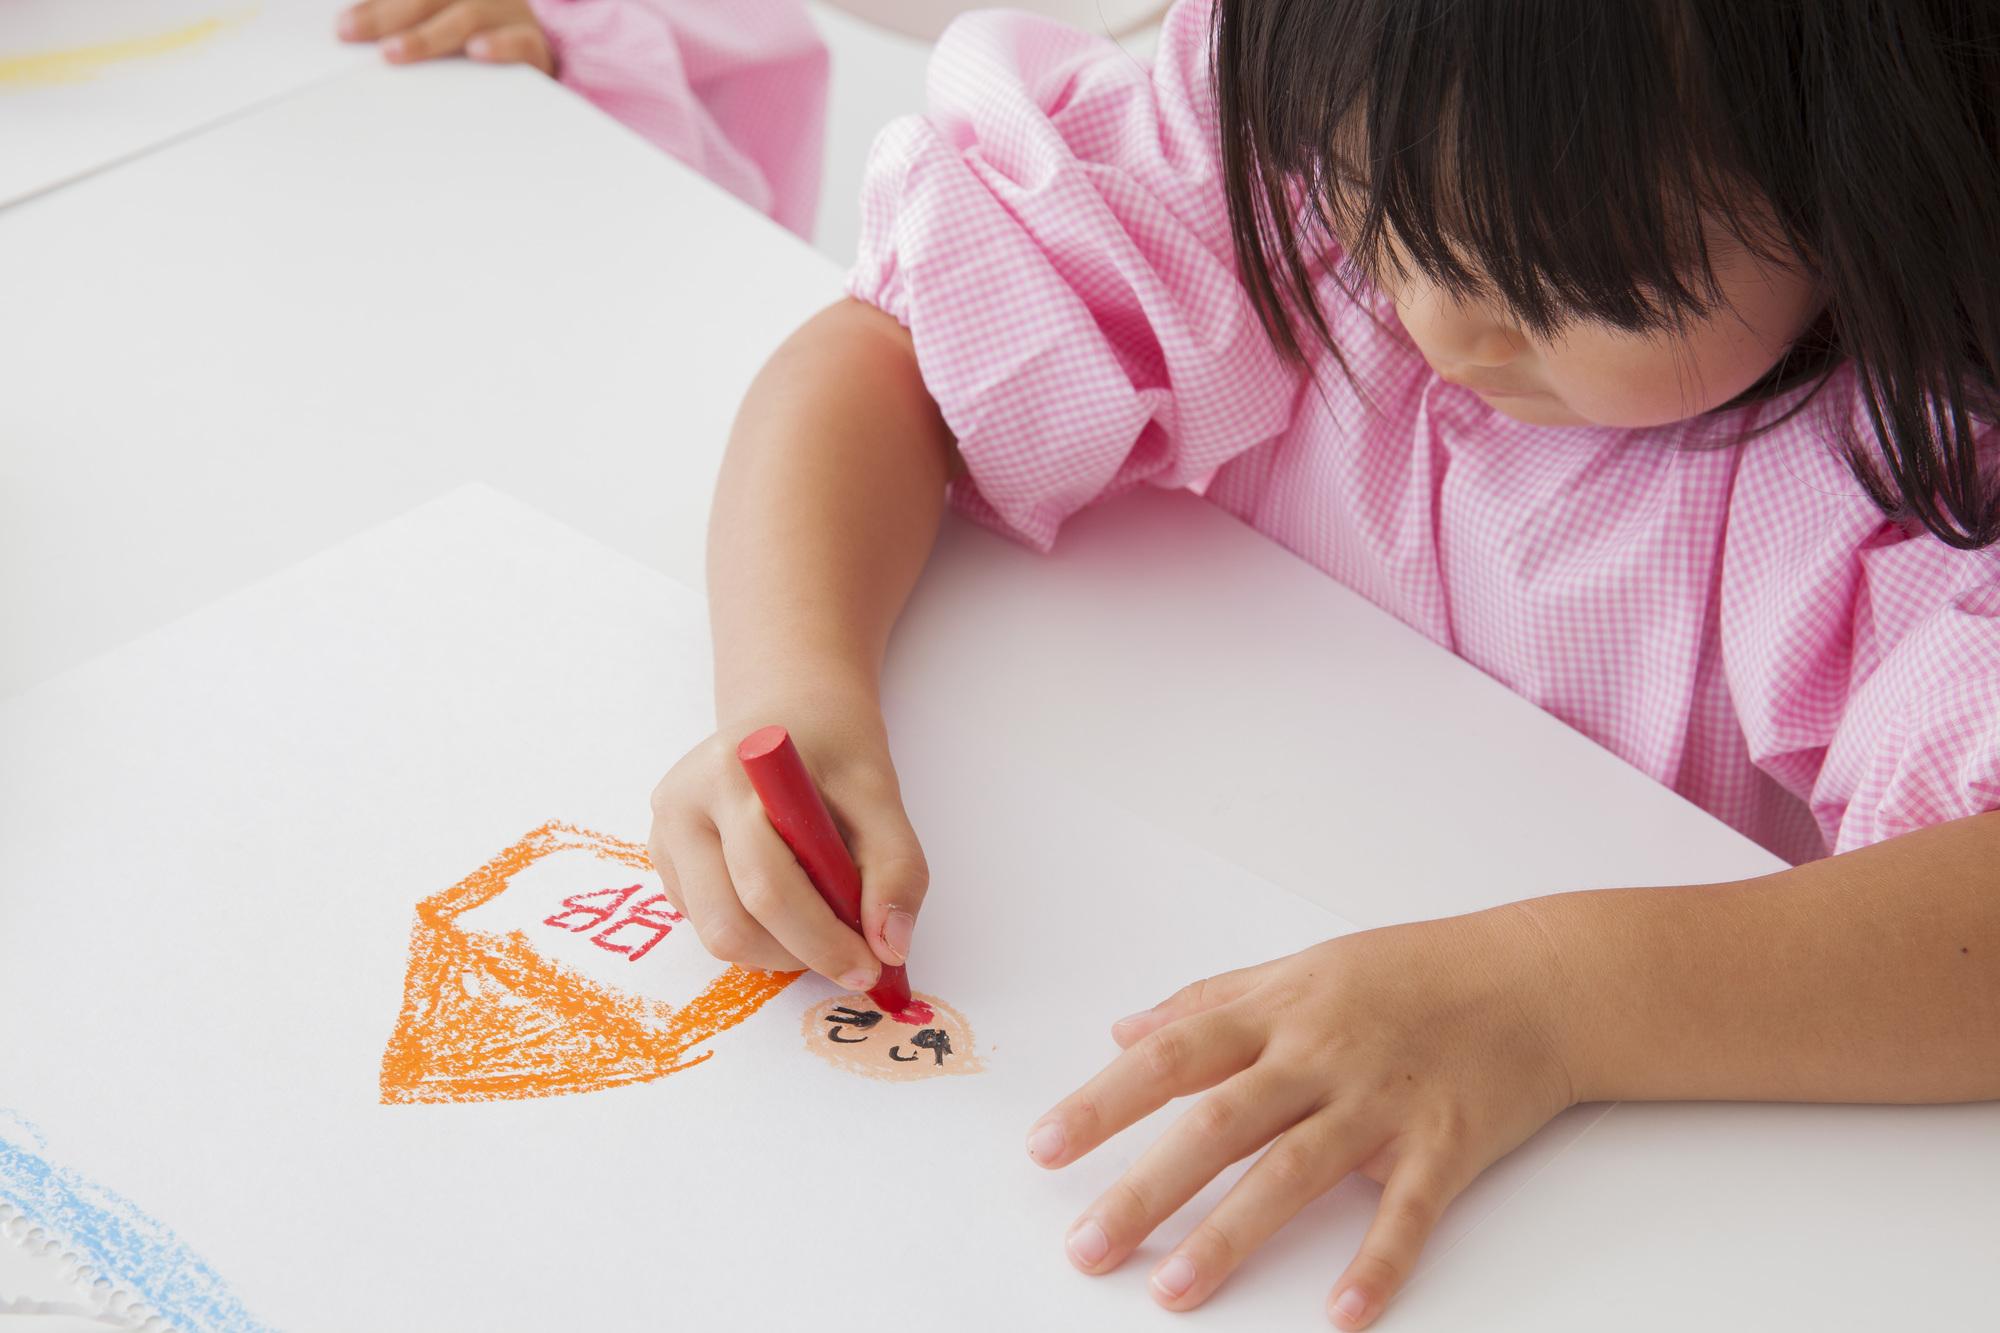 保育園で使う 制作用具 クラフト・素材・学習用ペーパー